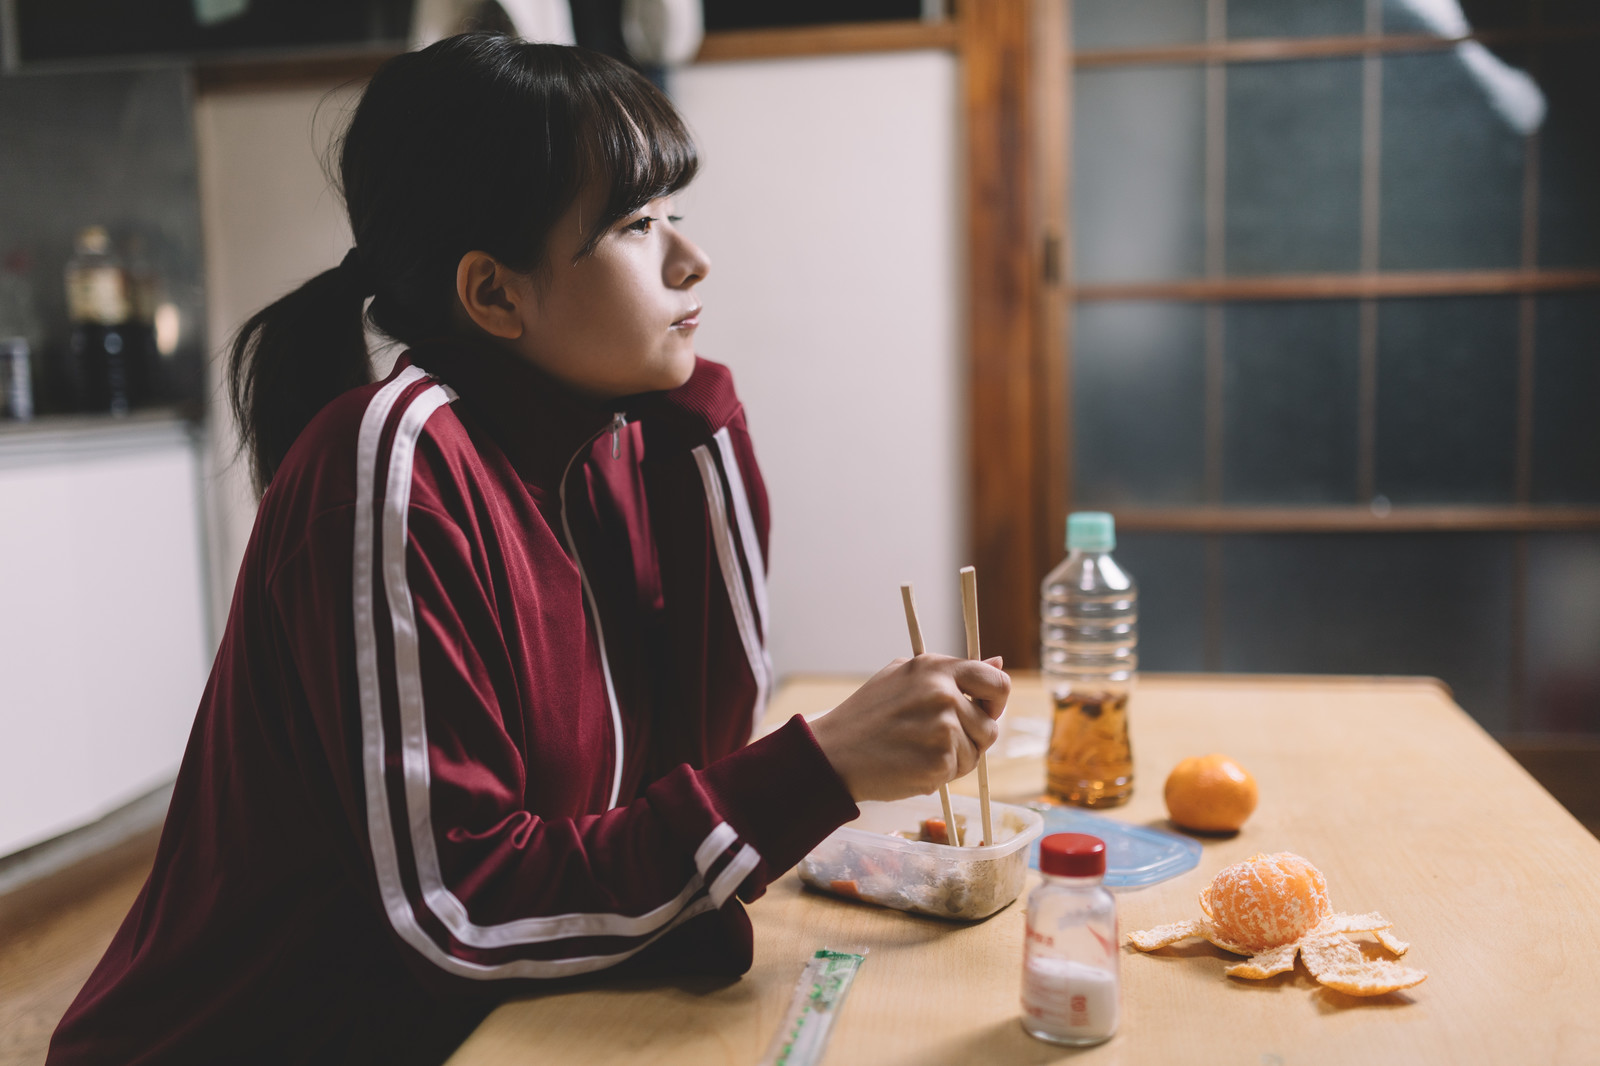 【女性ミニマリストから学ぶ】大学生の部屋のミニマム化のコツ!